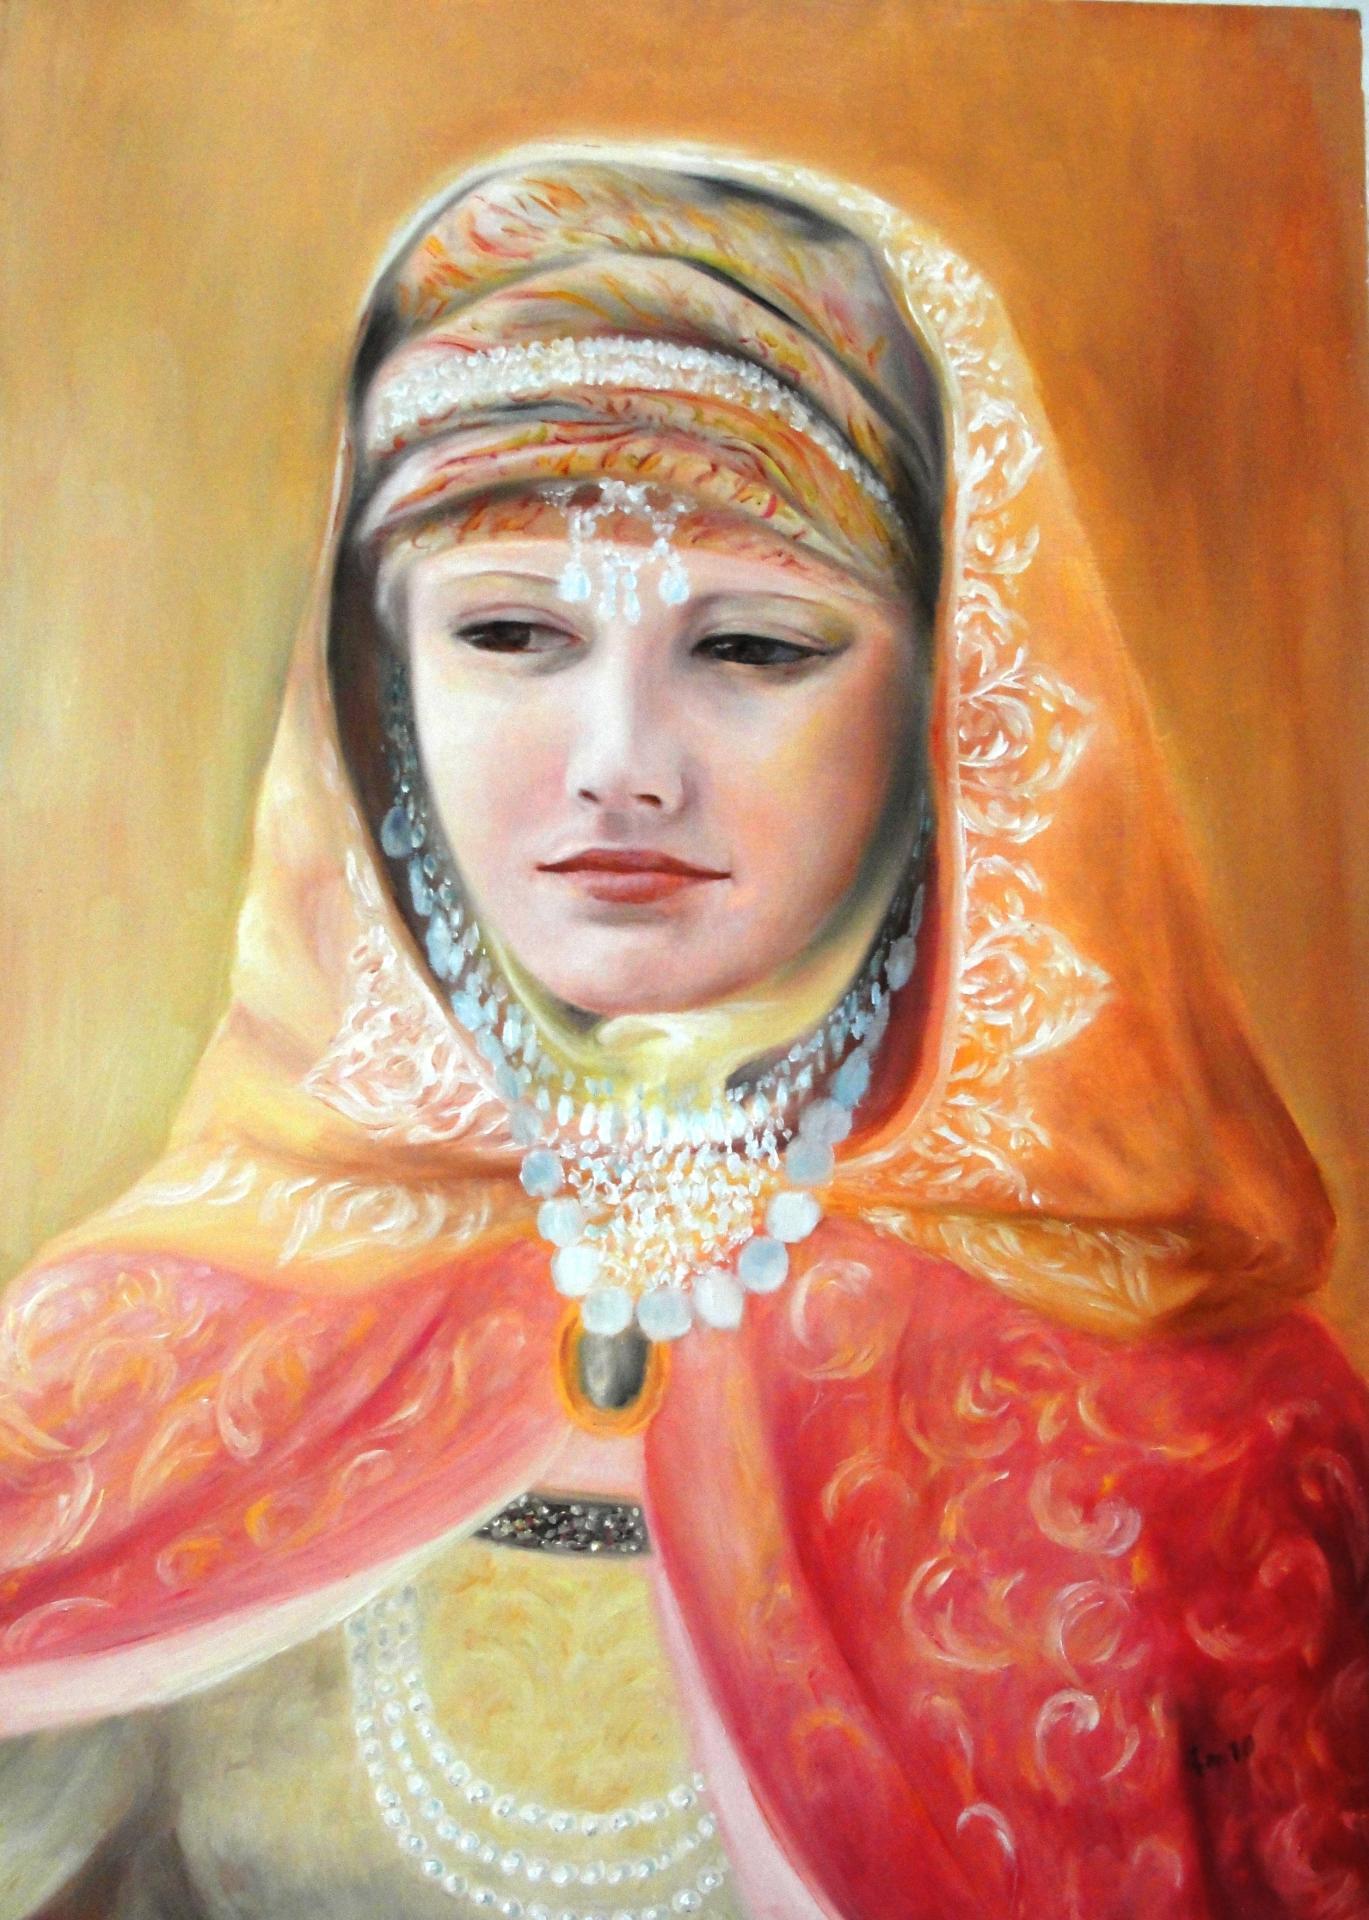 Reine de saba peinture d art sacre par jean joseph chevalier